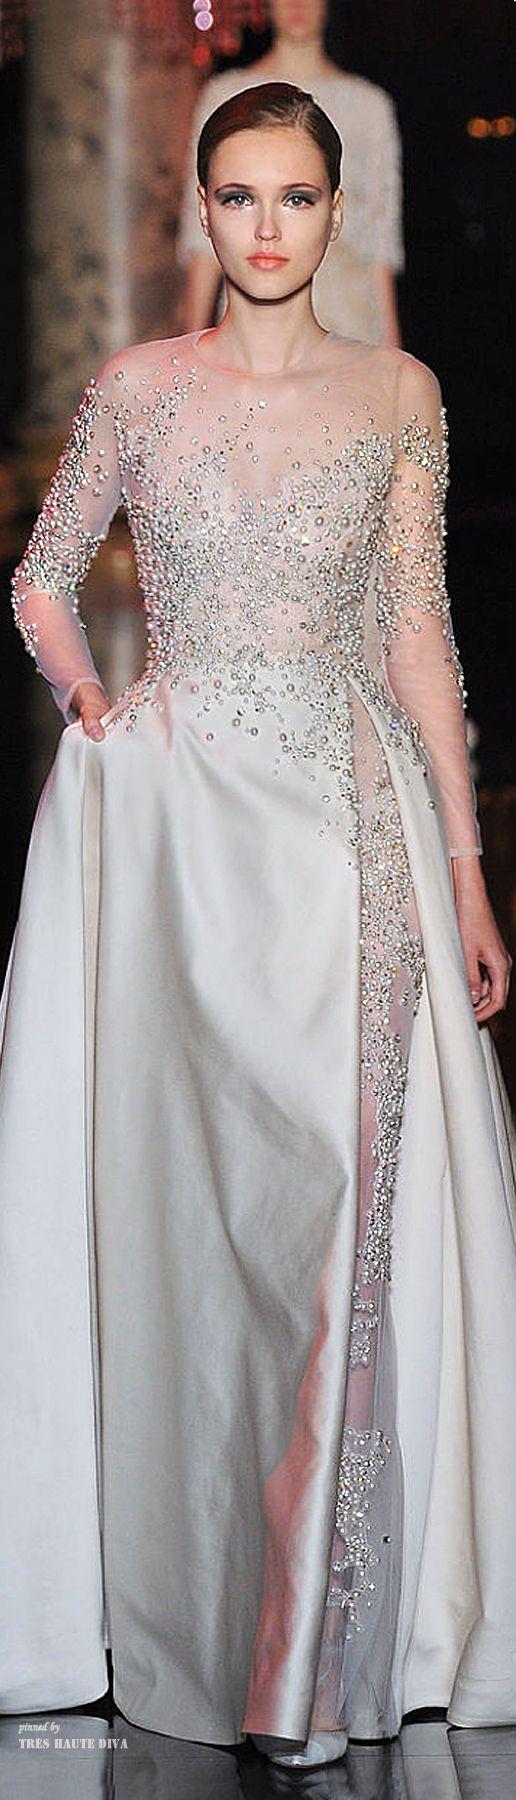 O que as noivas vão vestir em 2015? As tendências de vestido de noiva para divar…